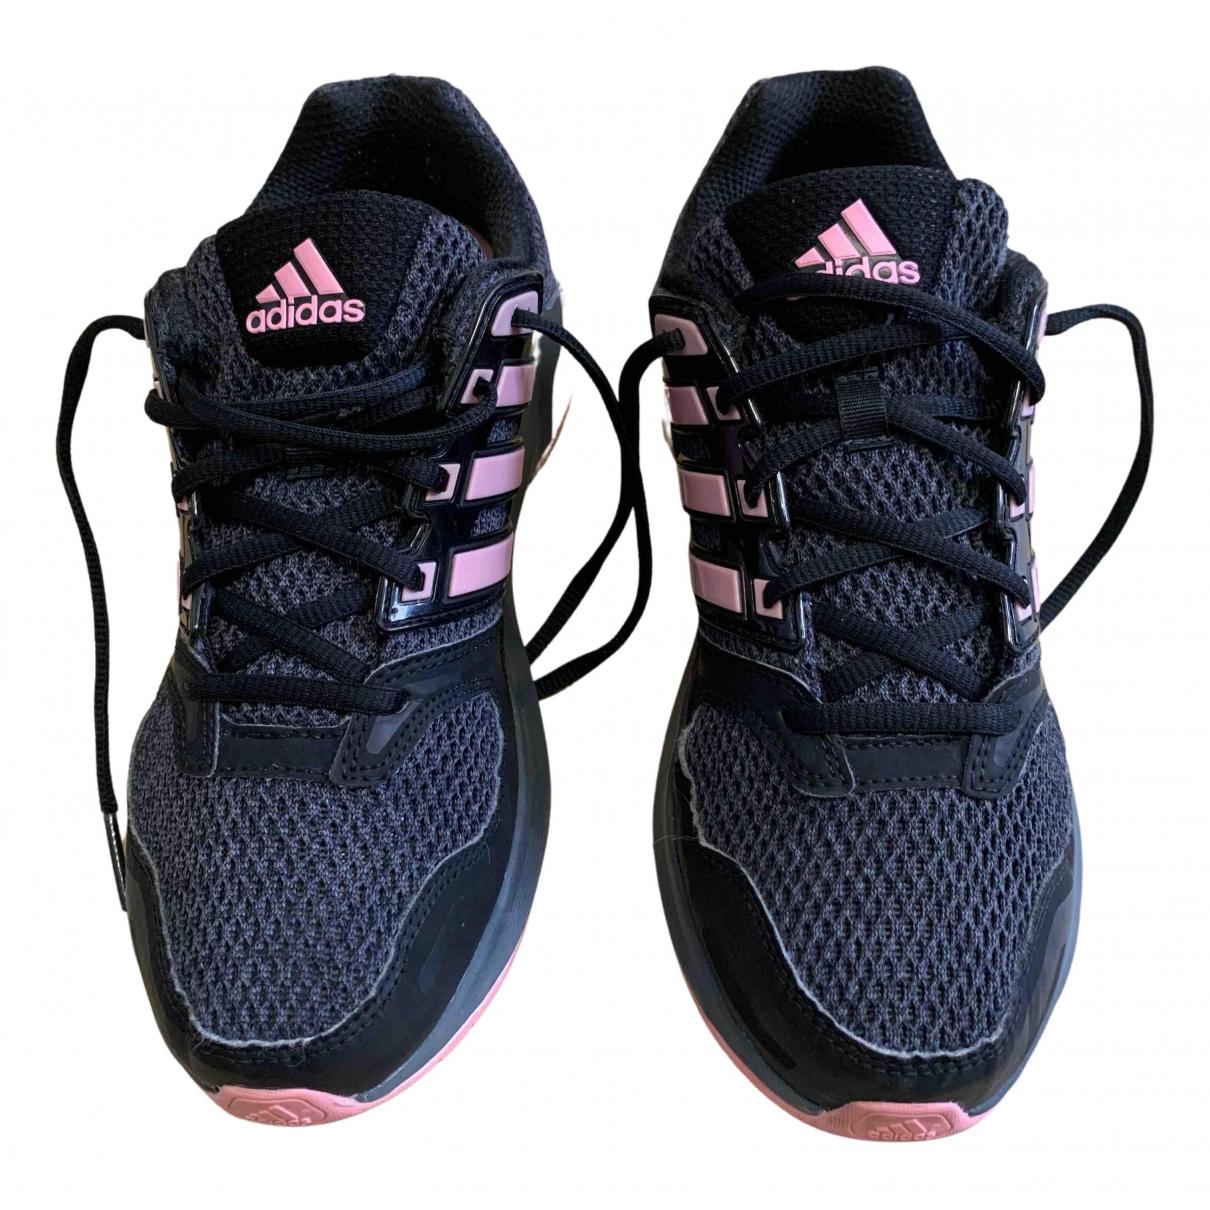 Adidas - Baskets PureBOOST pour femme en toile - noir